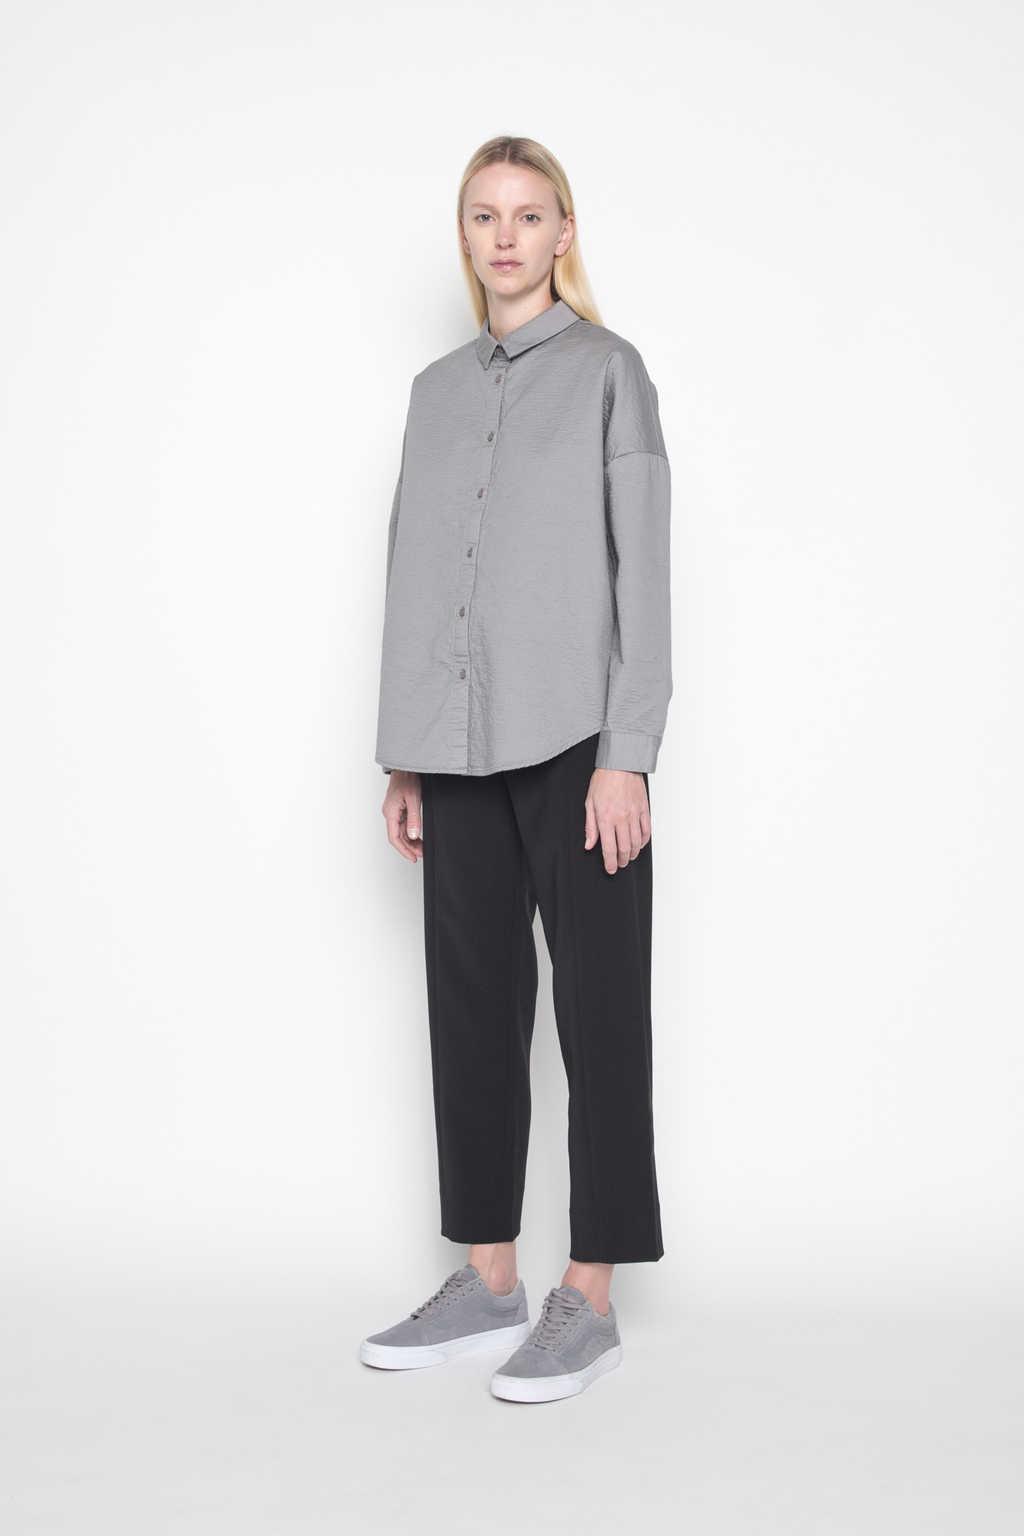 Blouse 1335 Gray 2